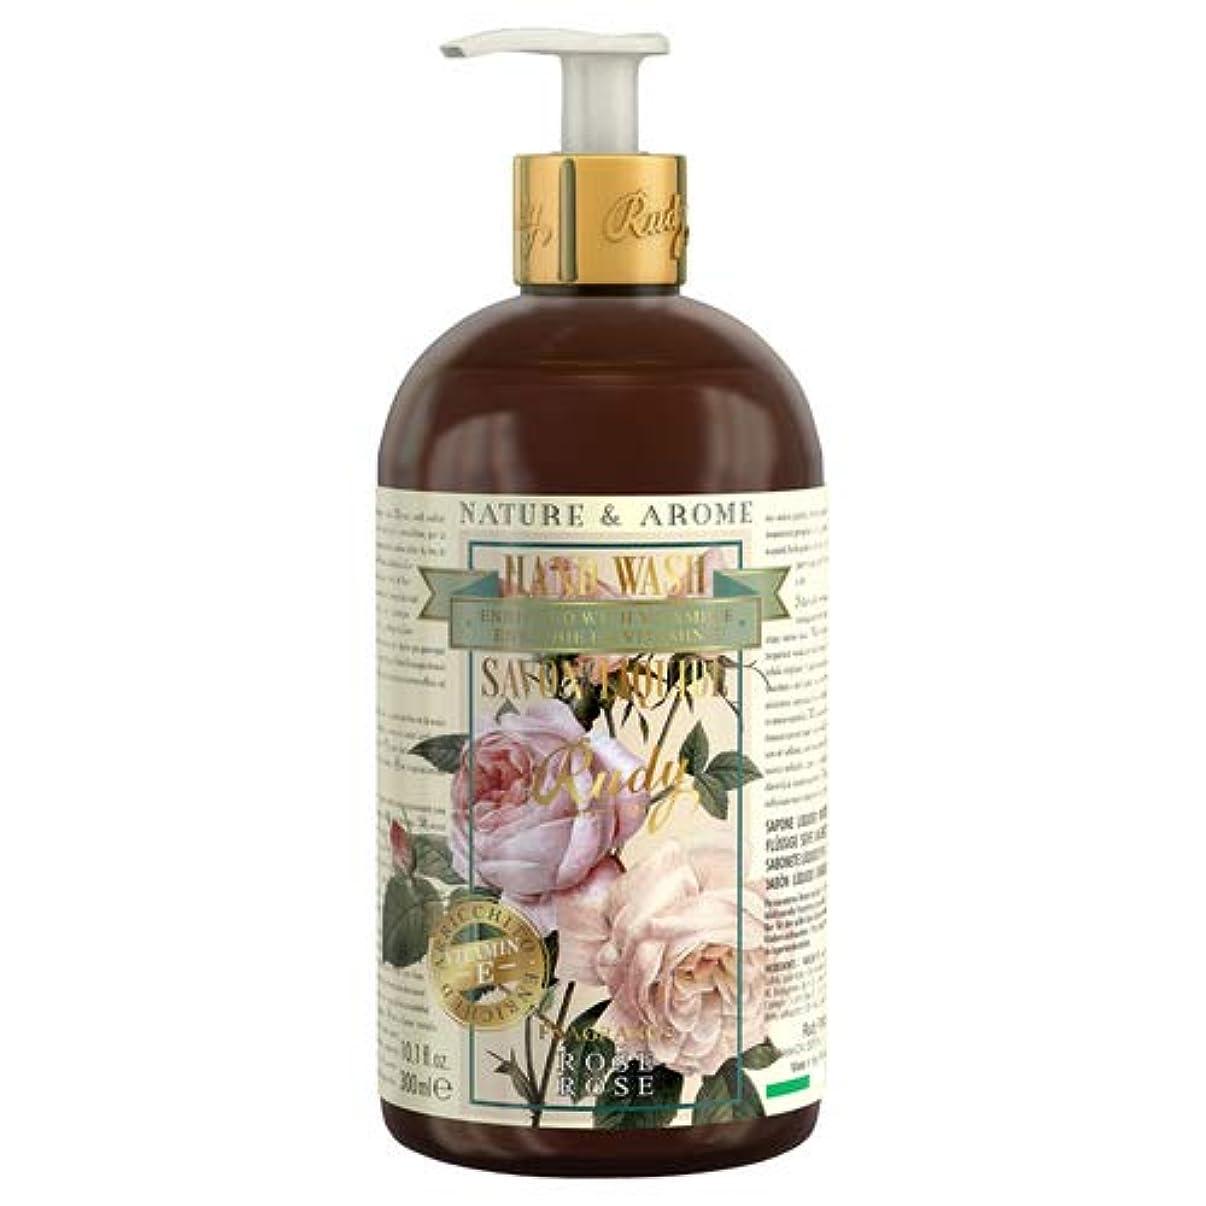 ファックスシミュレートするカポックRUDY Nature&Arome Apothecary ネイチャーアロマ アポセカリー Hand Wash ハンドウォッシュ(ボディソープ) Rose ローズ